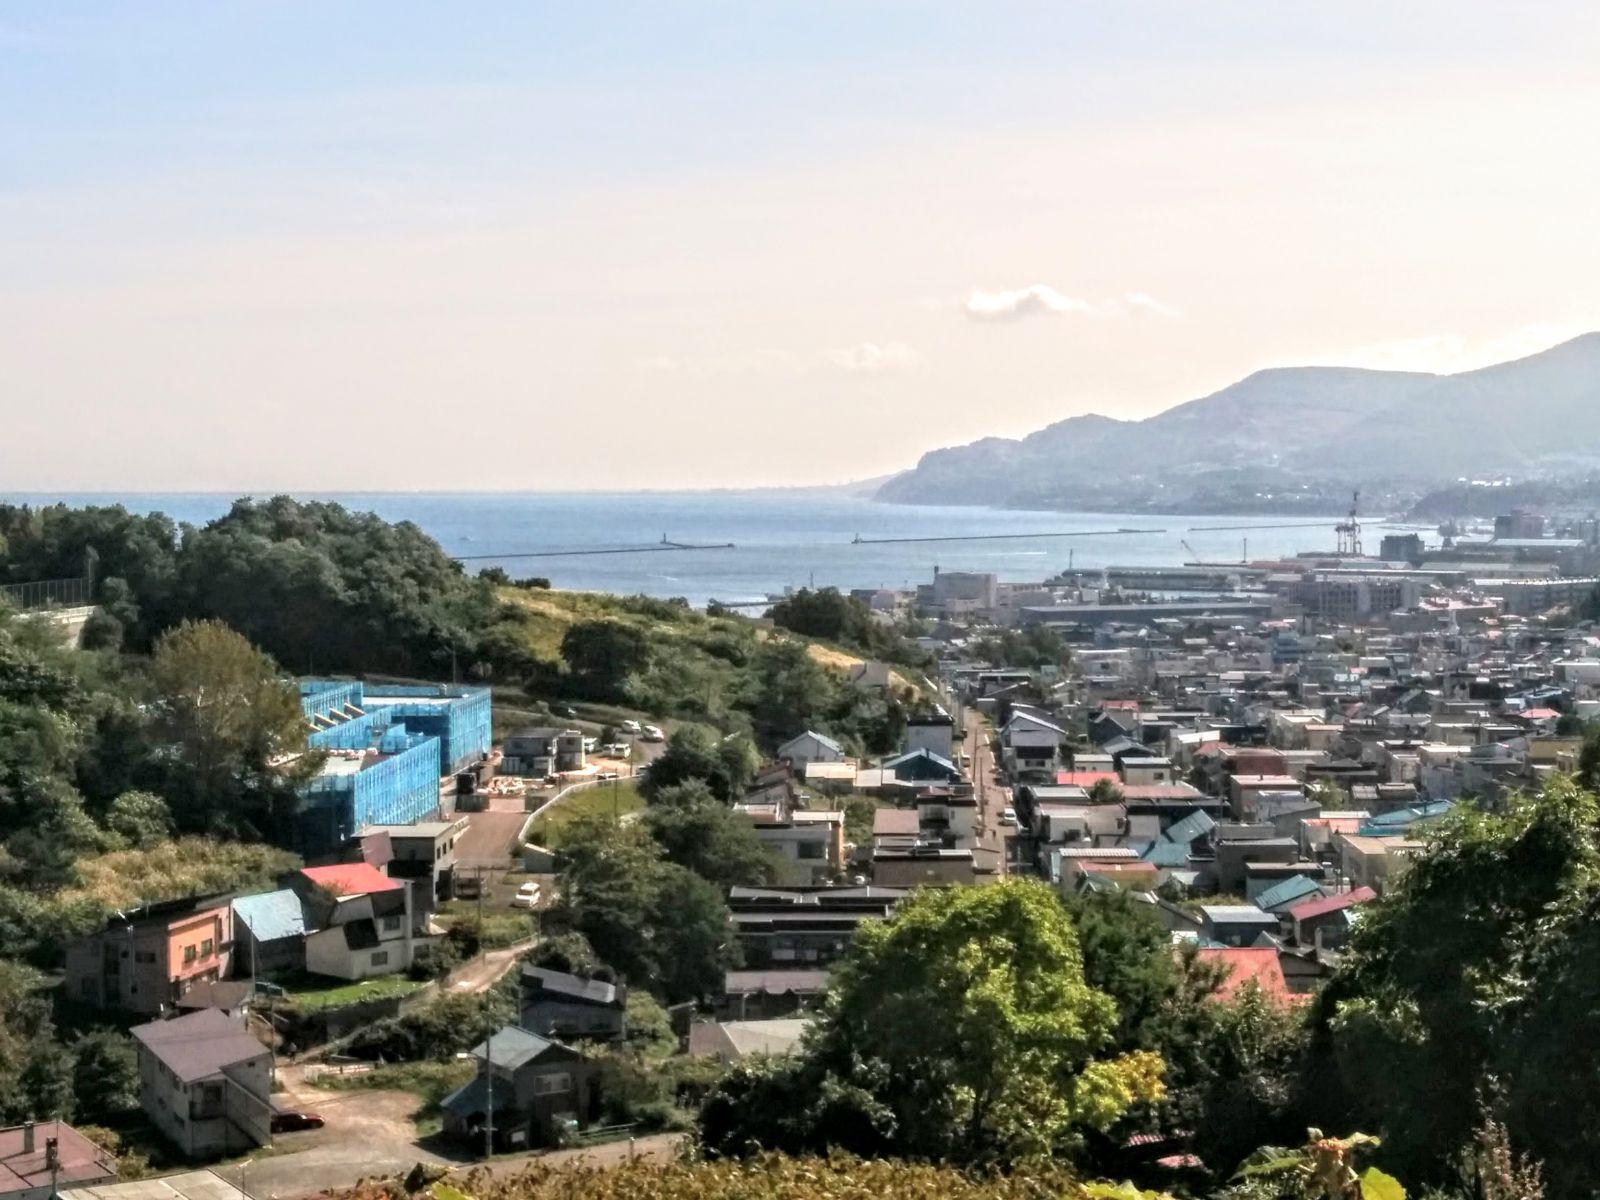 【小樽市】私の好きな小樽の風景観光写真です。